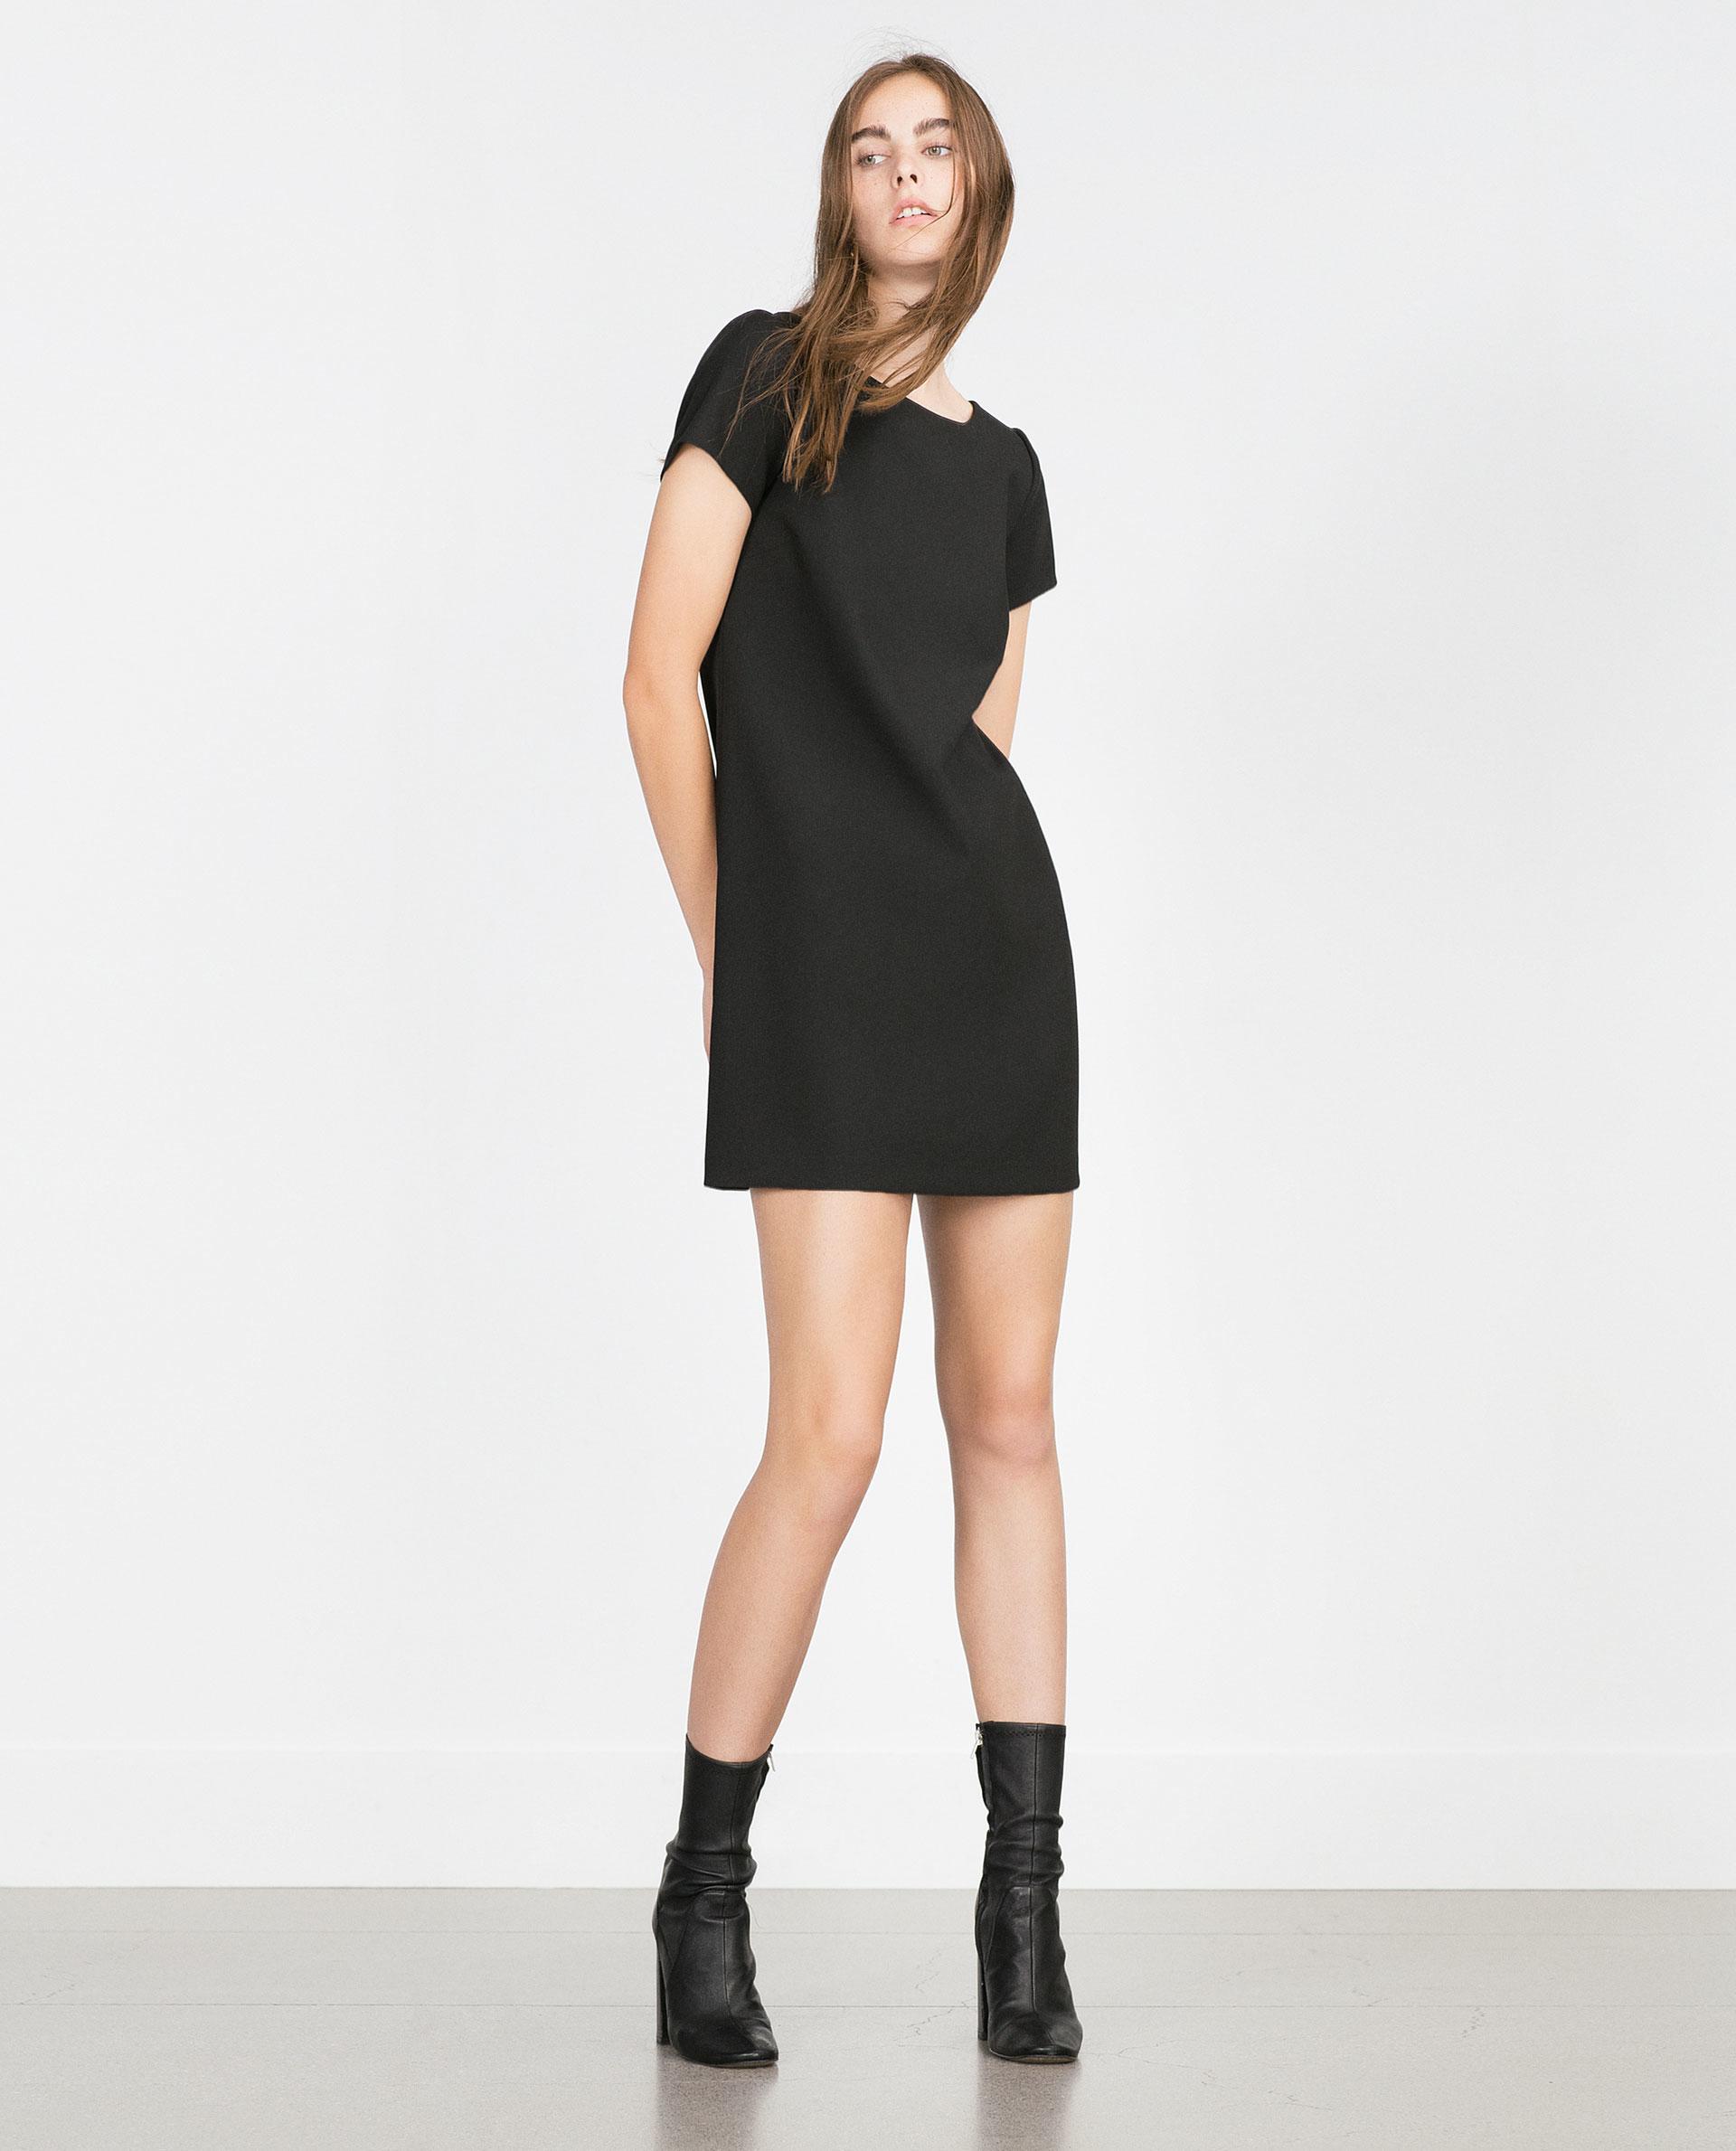 Zara A-line Dress in Black   Lyst